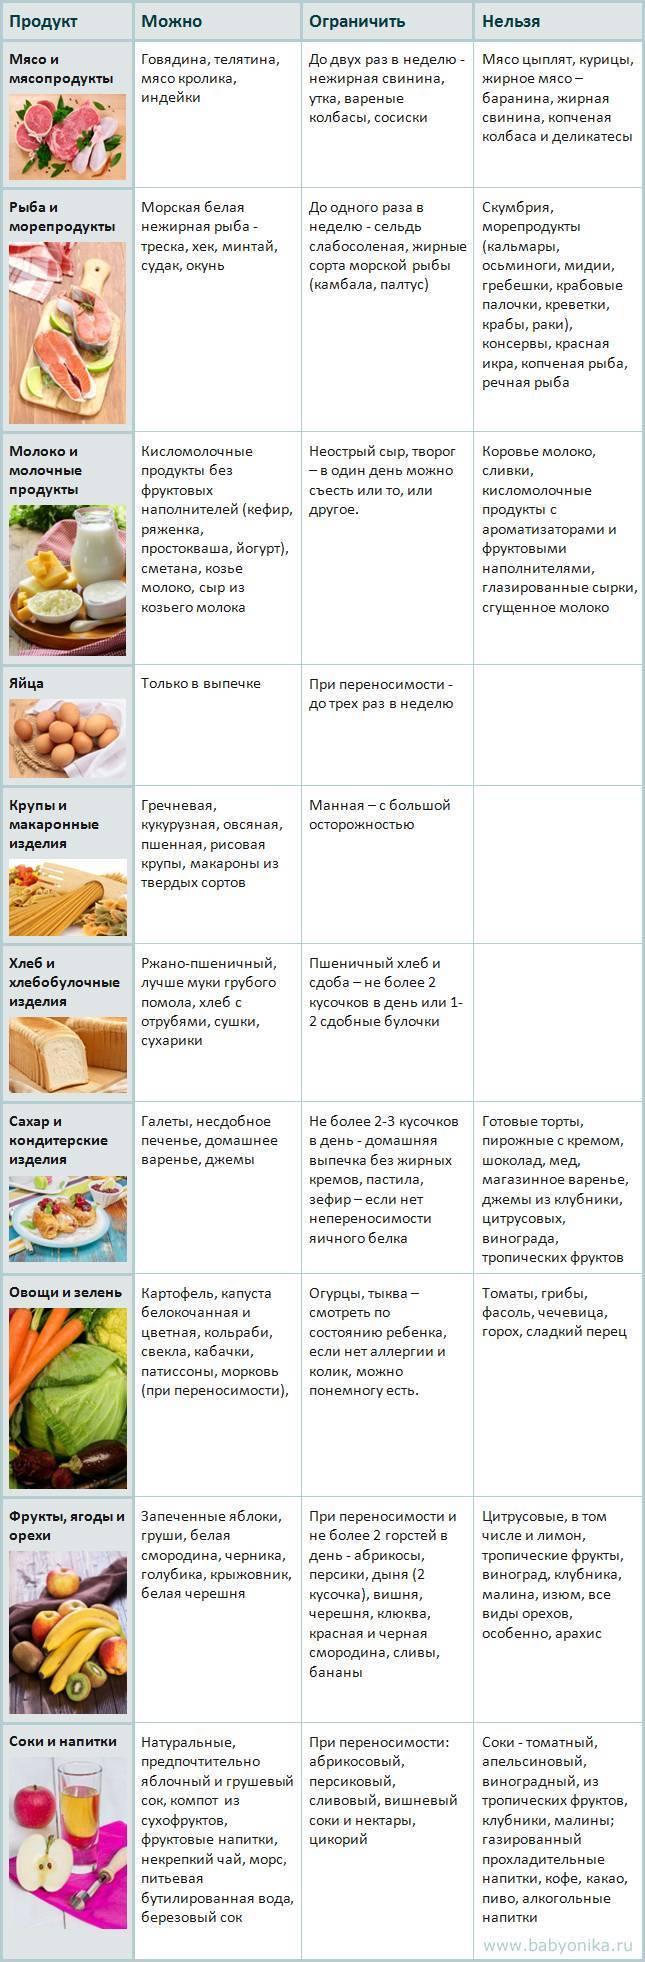 Орехи при грудном вскармливании: какие можно есть